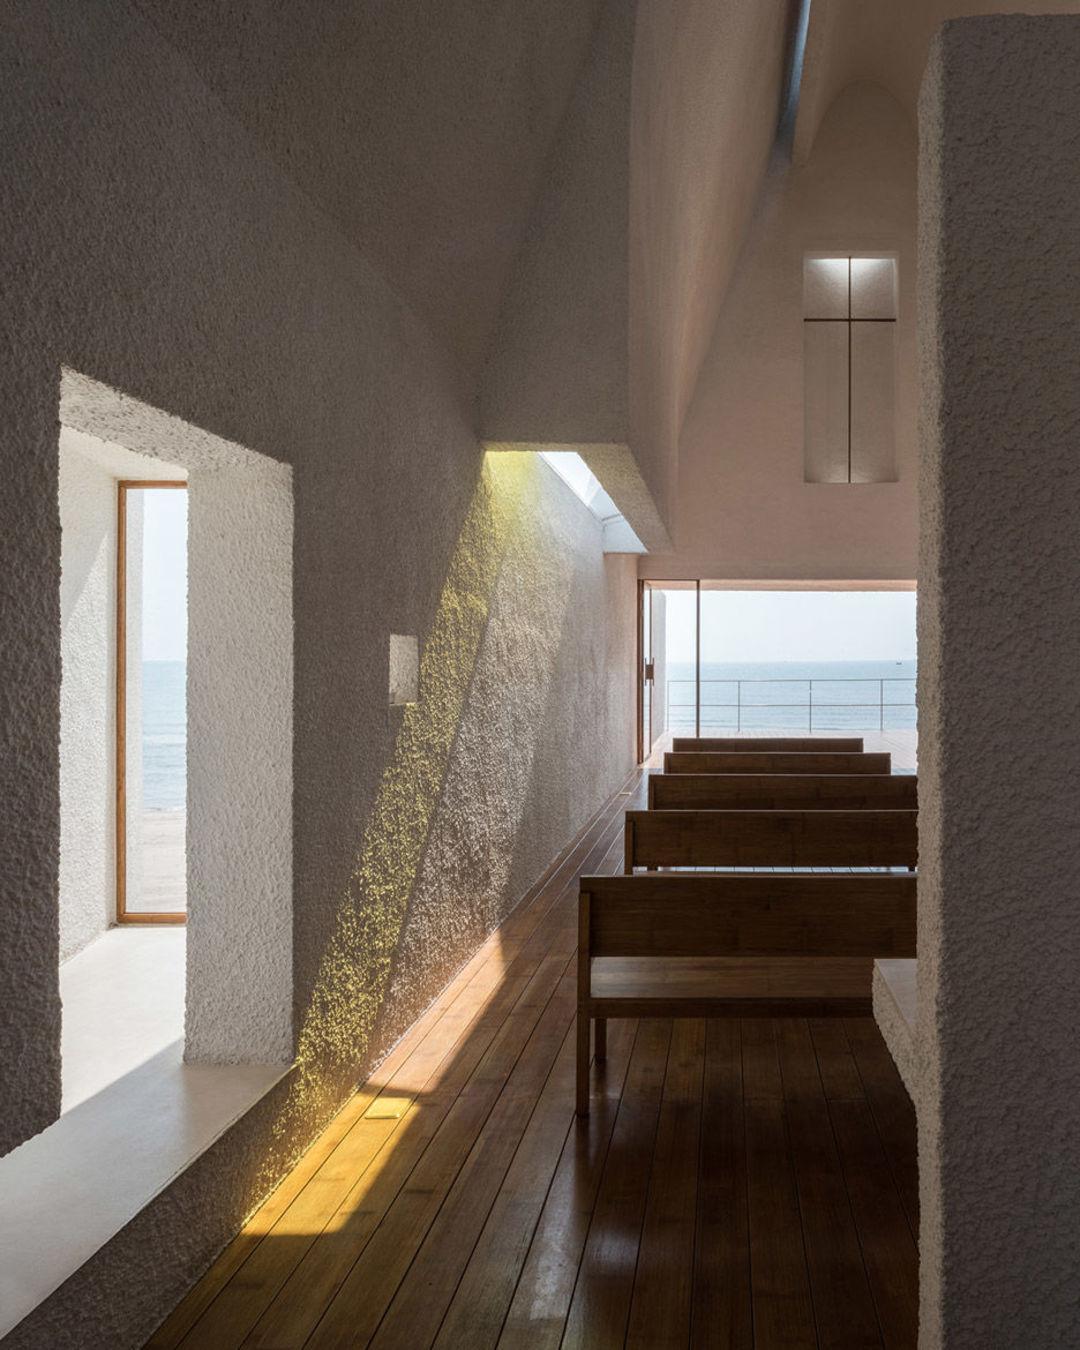 在孤独图书馆之后,北戴河又多了一个同款白色教堂